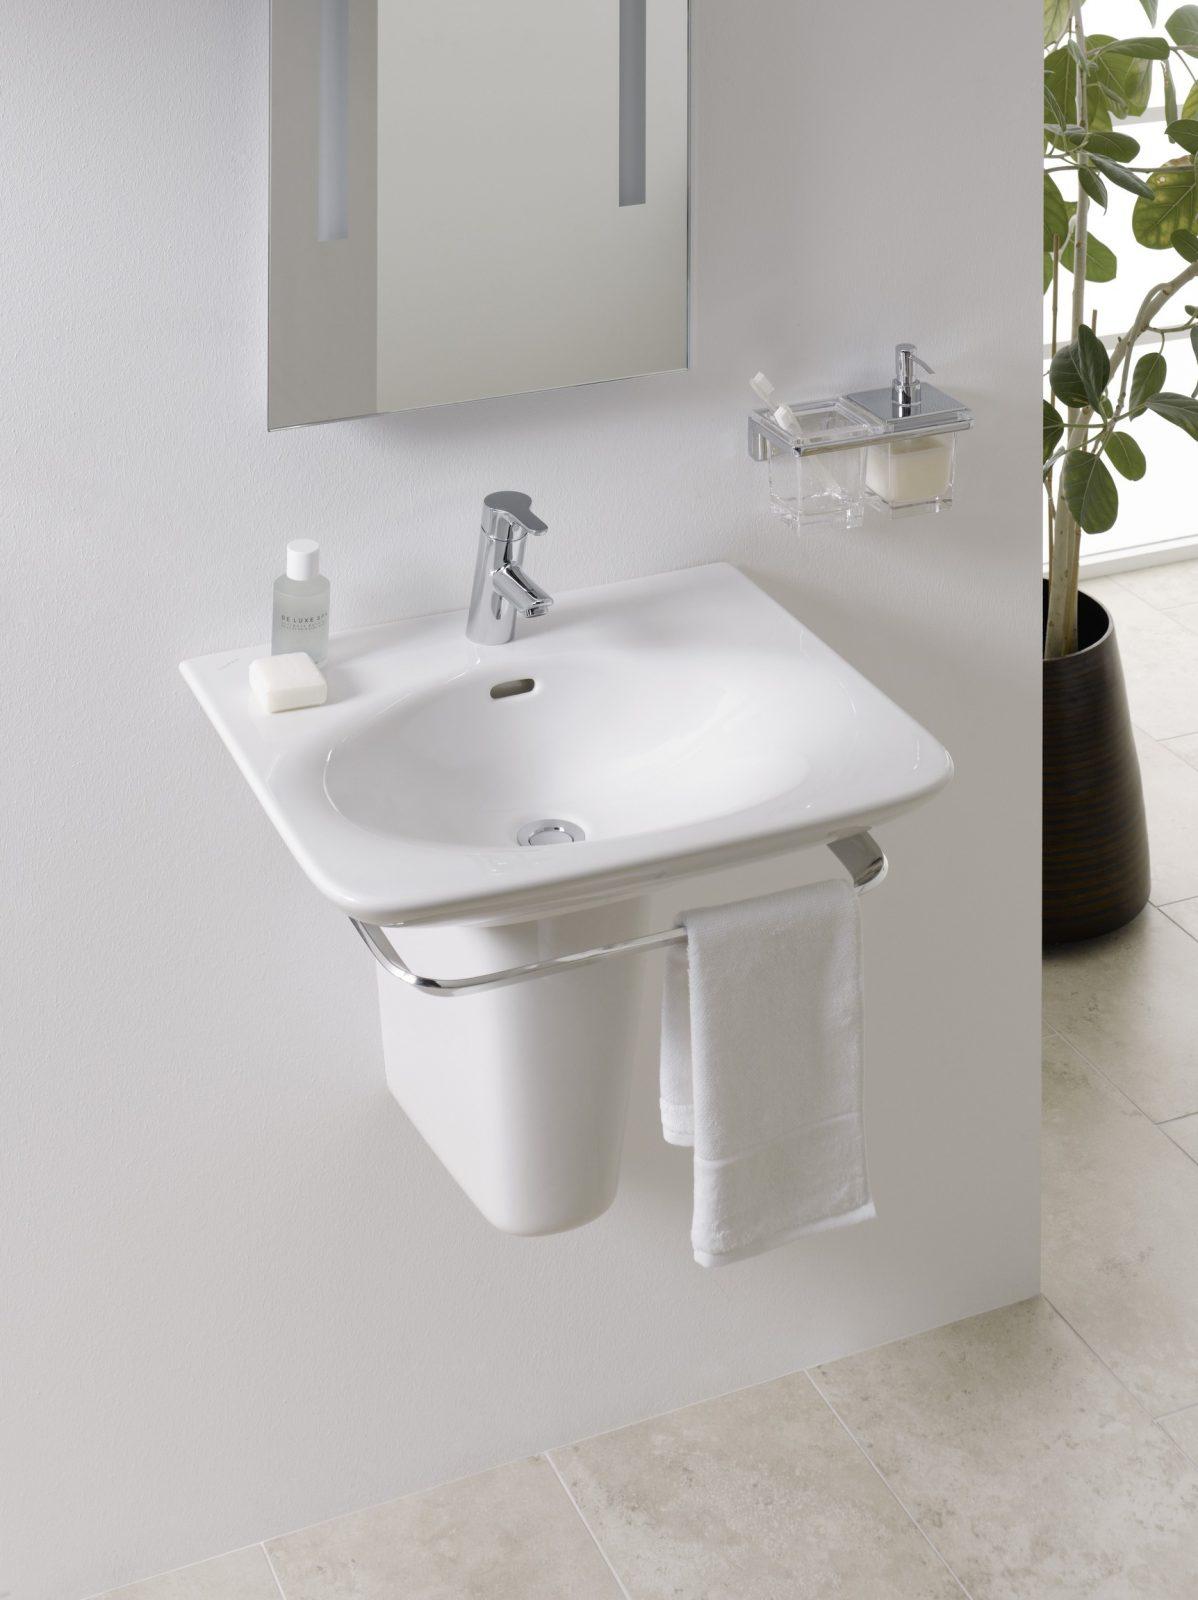 les lave mains sur cache siphons dans la salle de bain. Black Bedroom Furniture Sets. Home Design Ideas